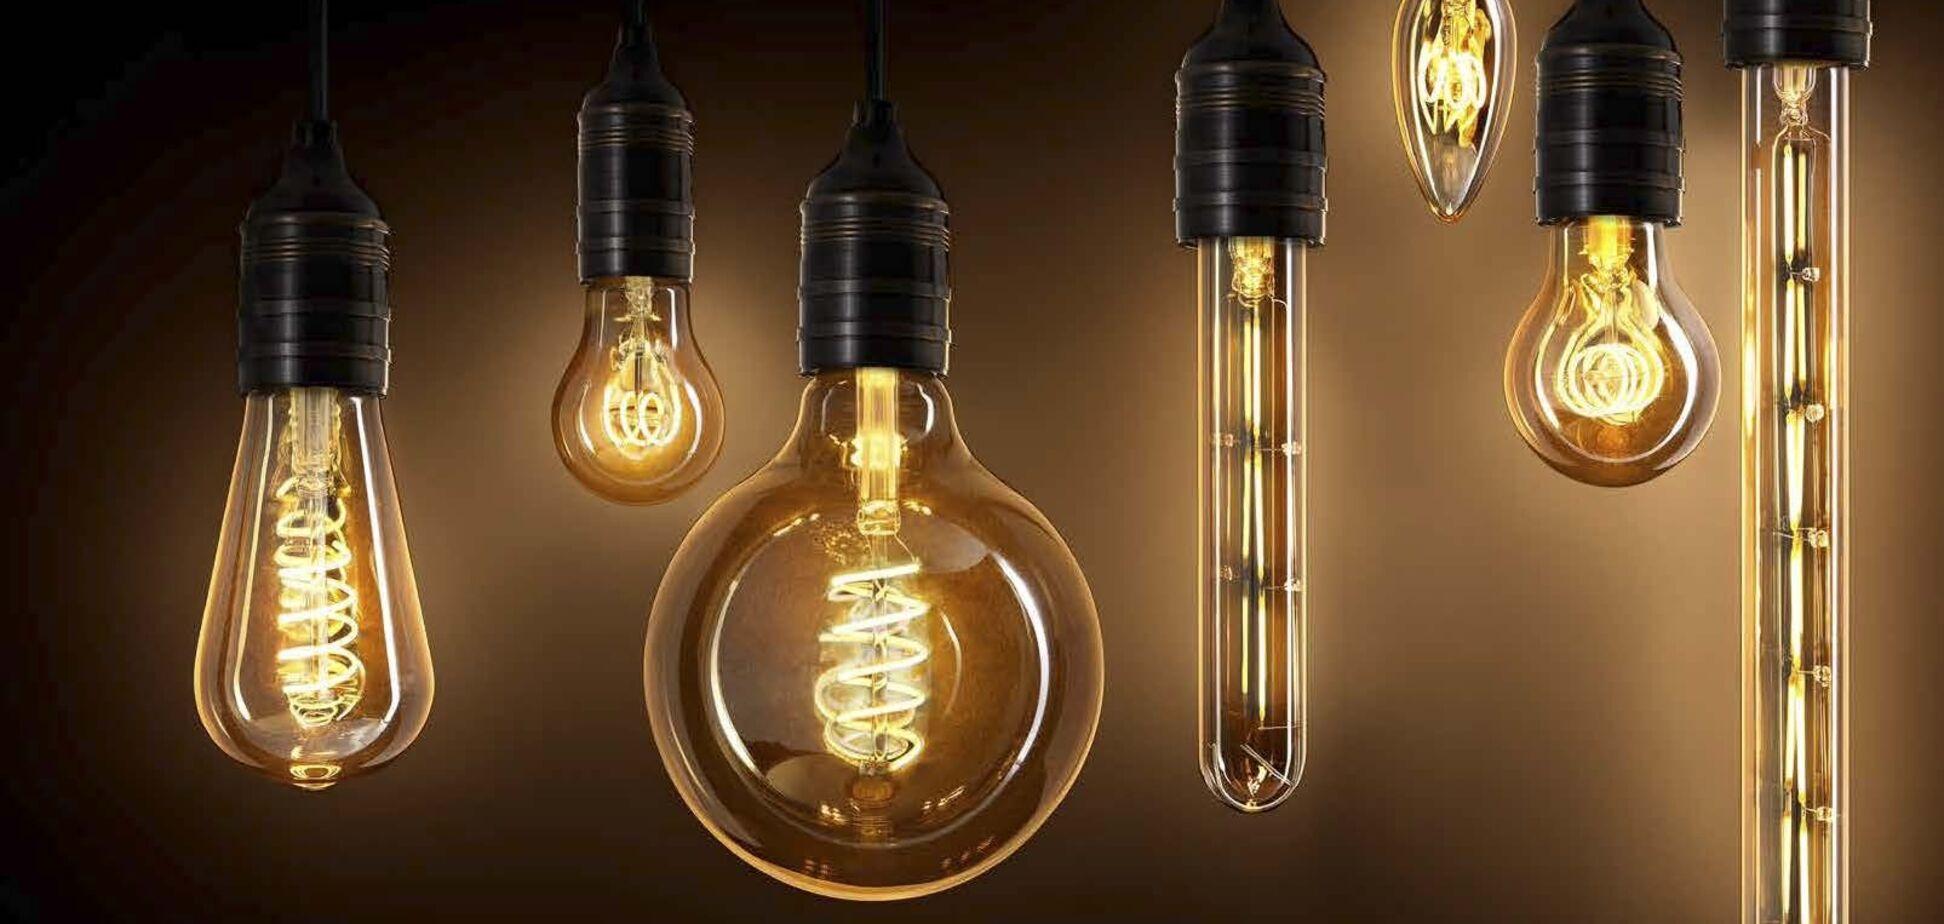 Мировой сговор производителей лампочек